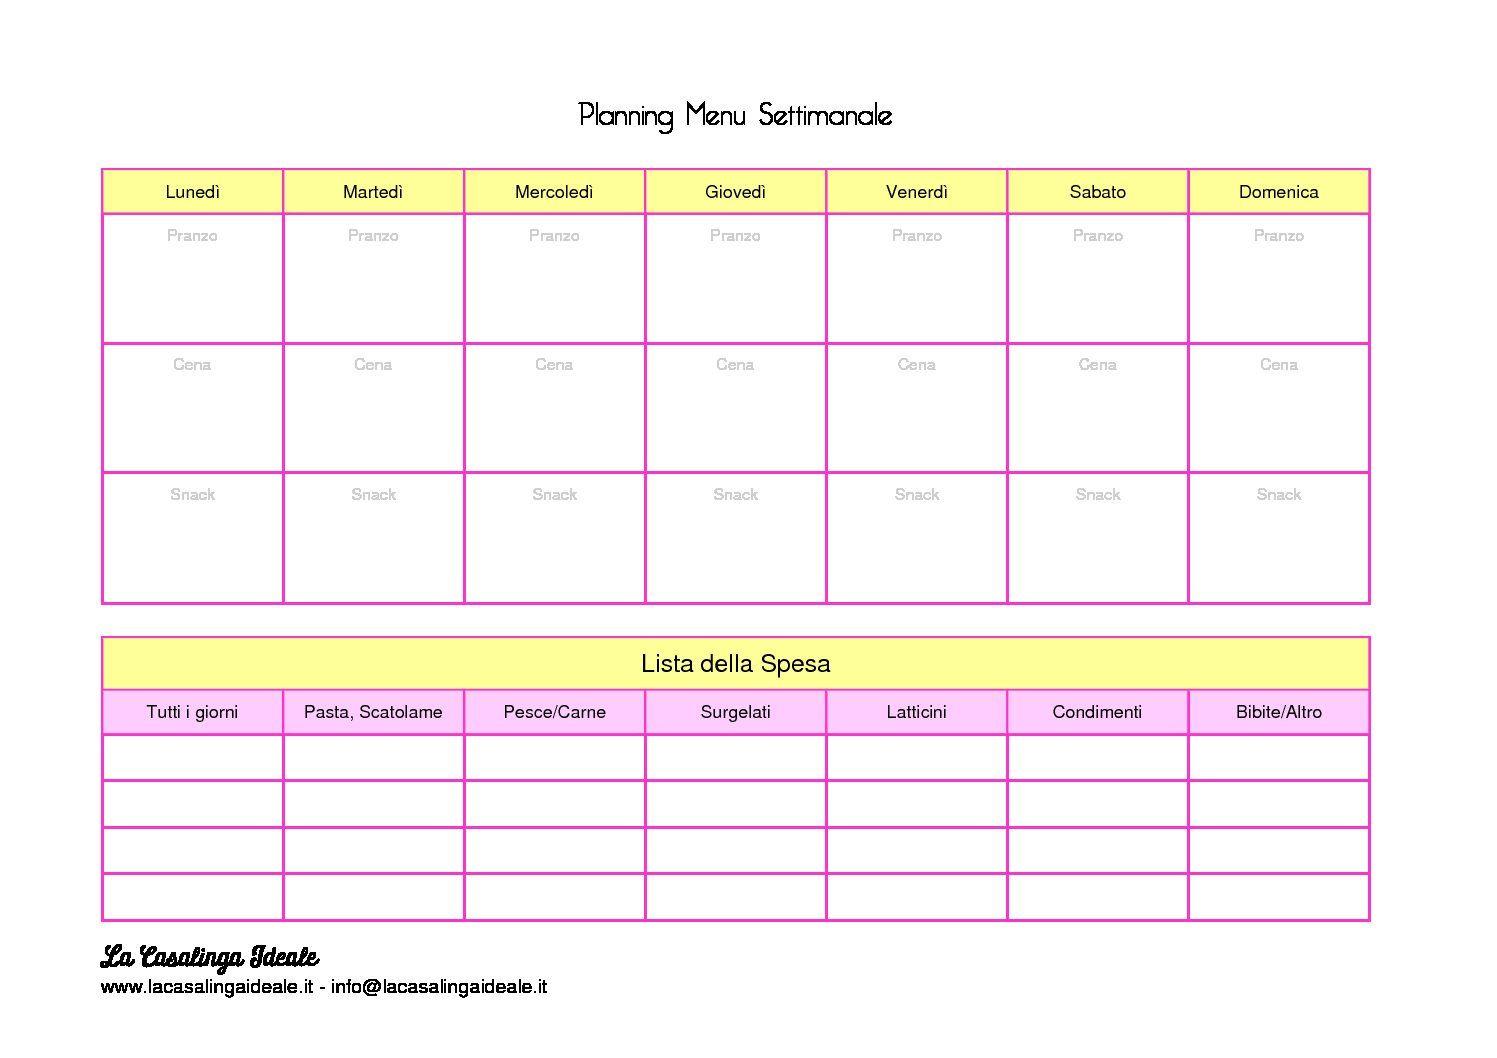 Planning Menu Settimanale e Lista della Spesa Menù